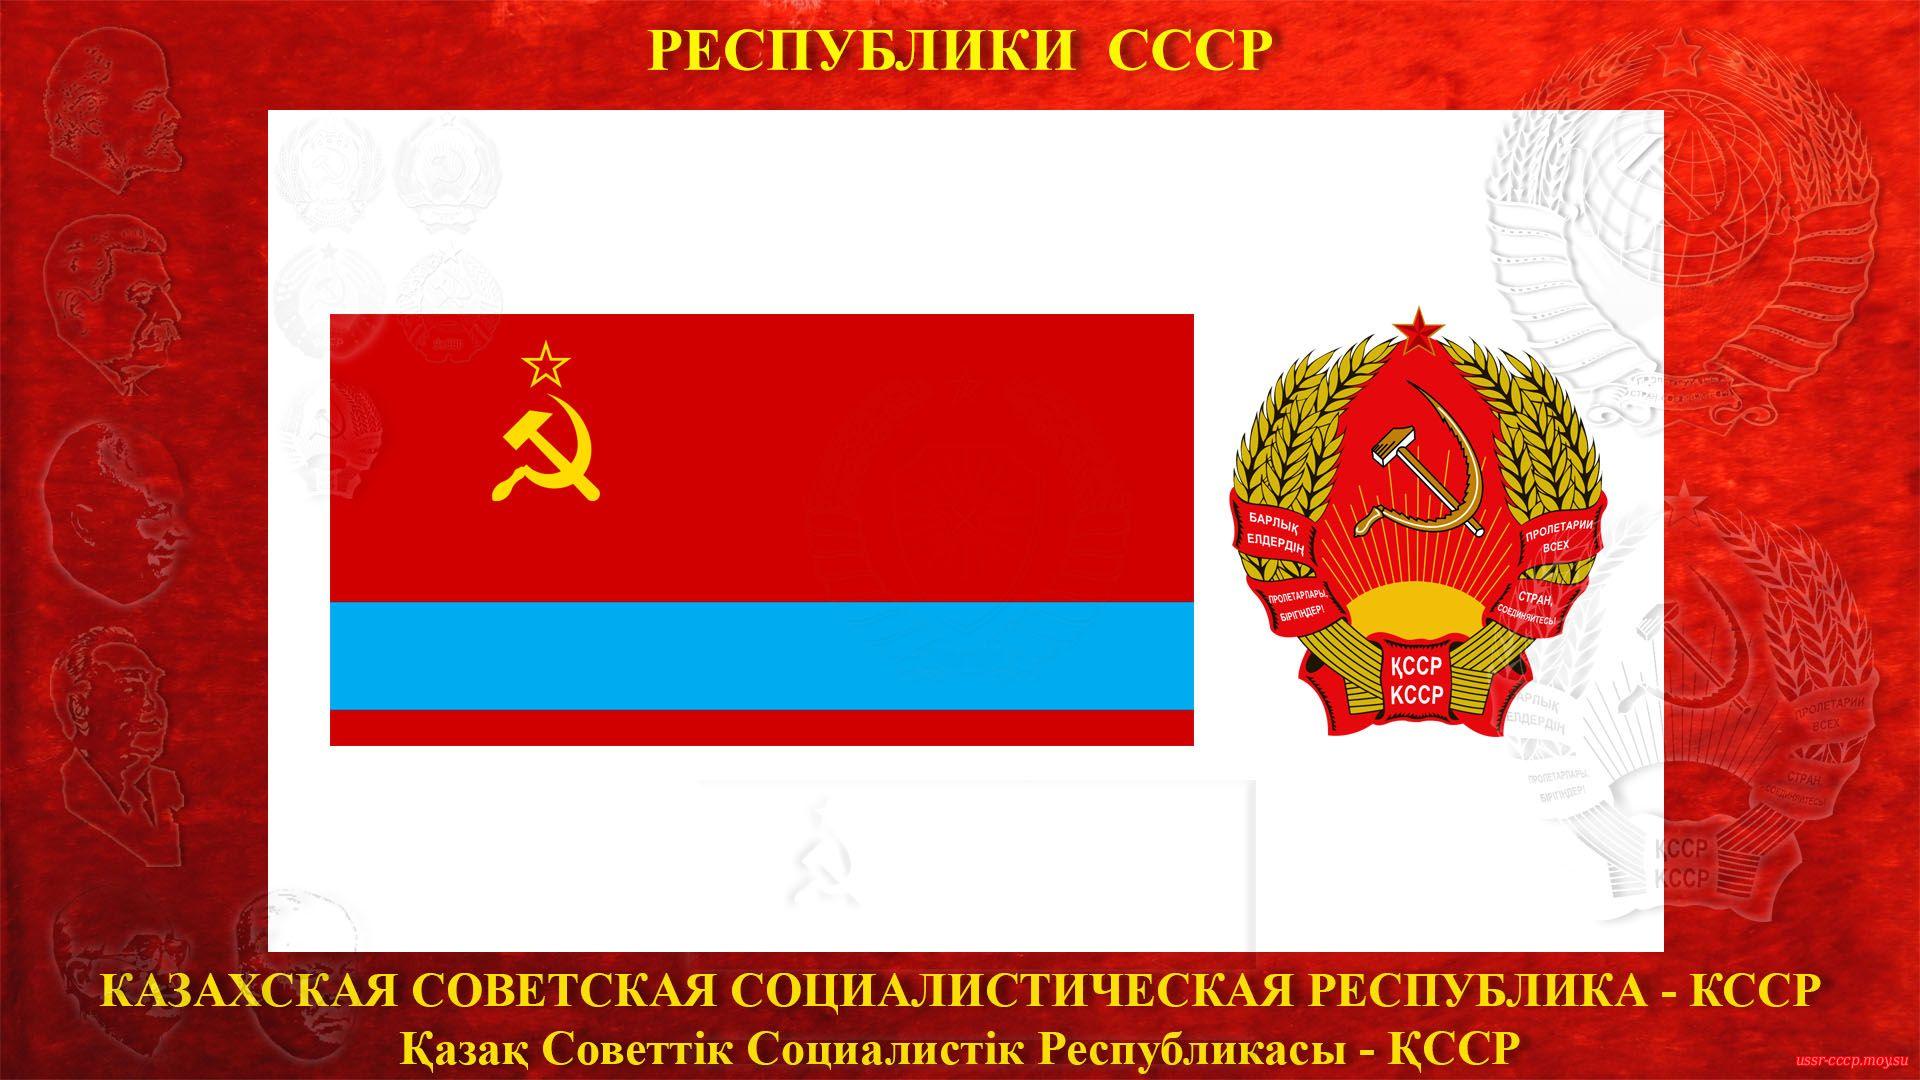 КССР — Казахская Советская Социалистическая Республика (05.12.1936— де-юре)